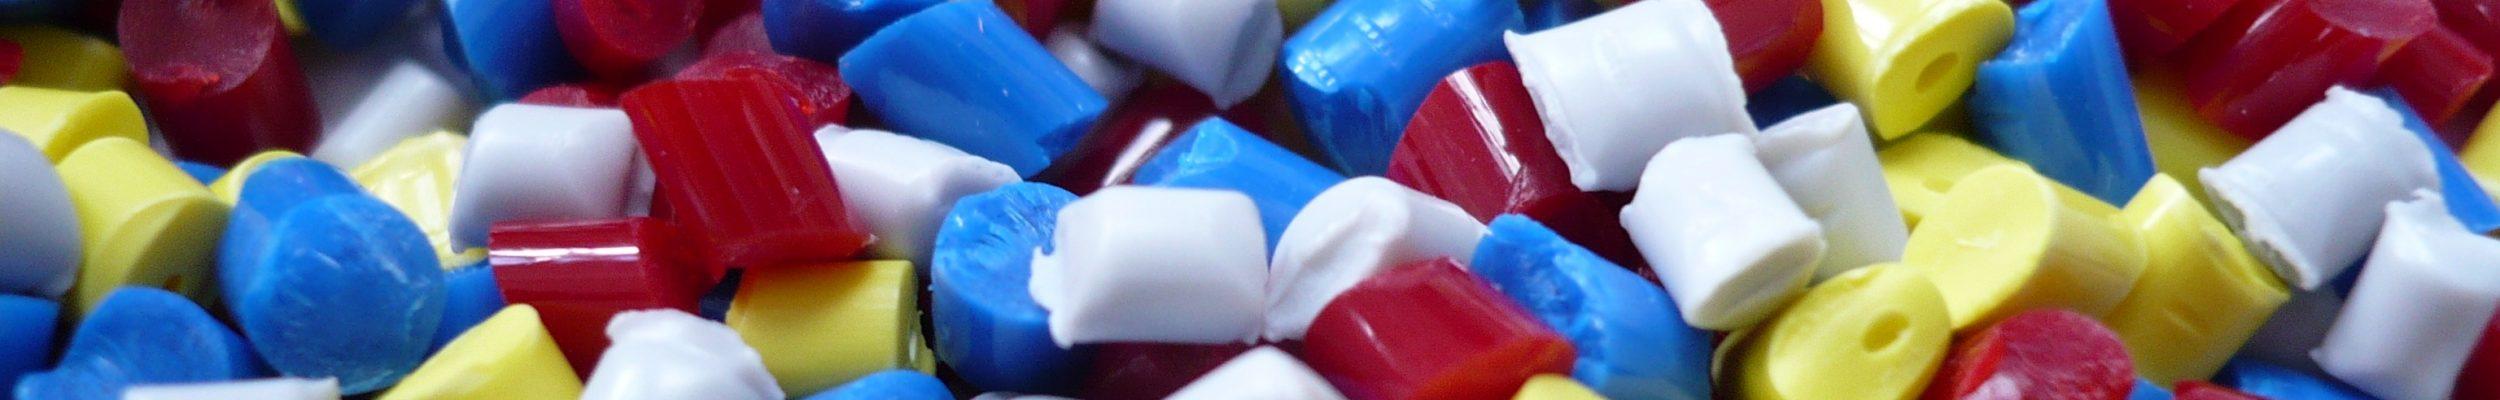 moldeado de plasticos